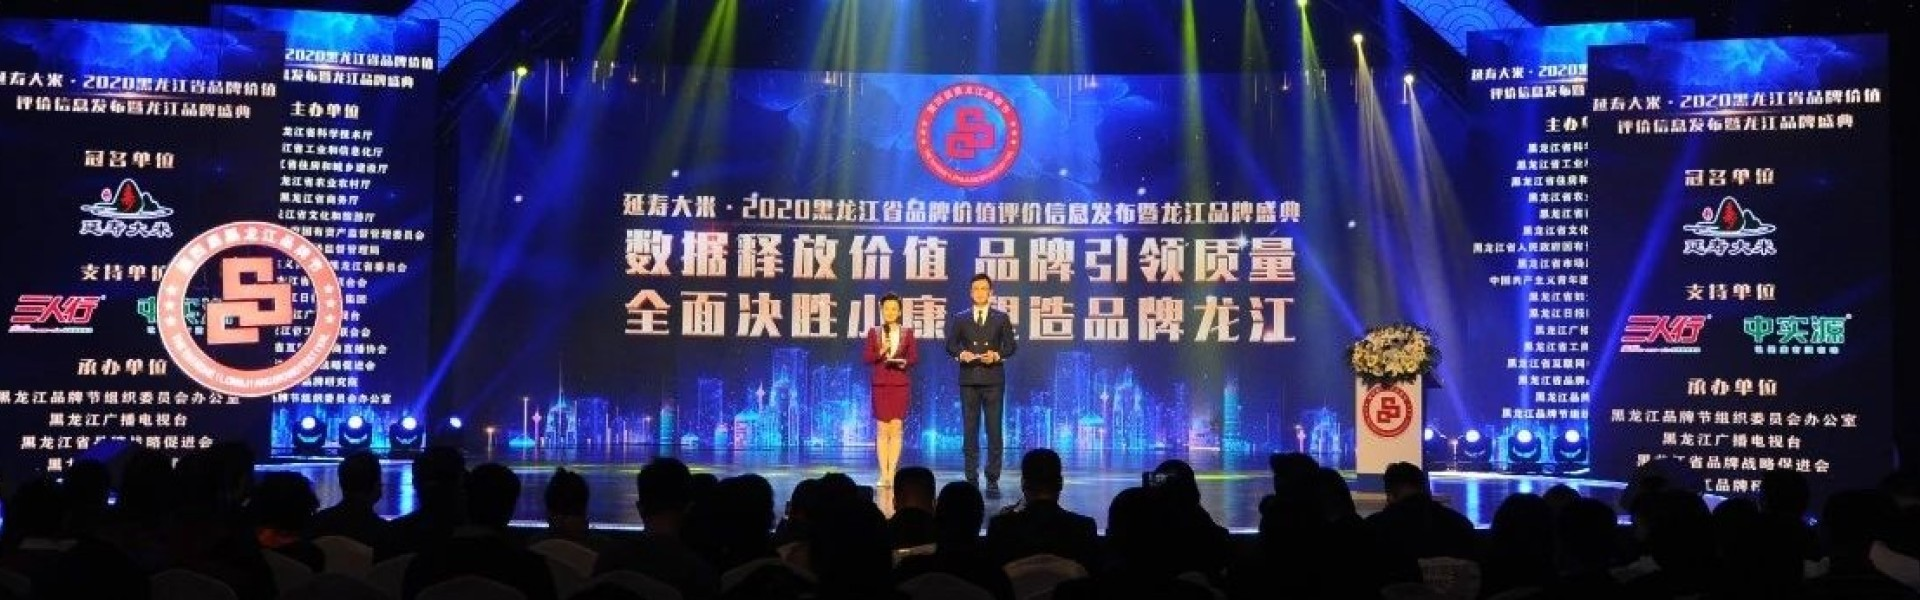 延寿大米·2020黑龙江省品牌价值评价信息发布暨龙江品牌盛典颁奖晚会在哈隆重举行